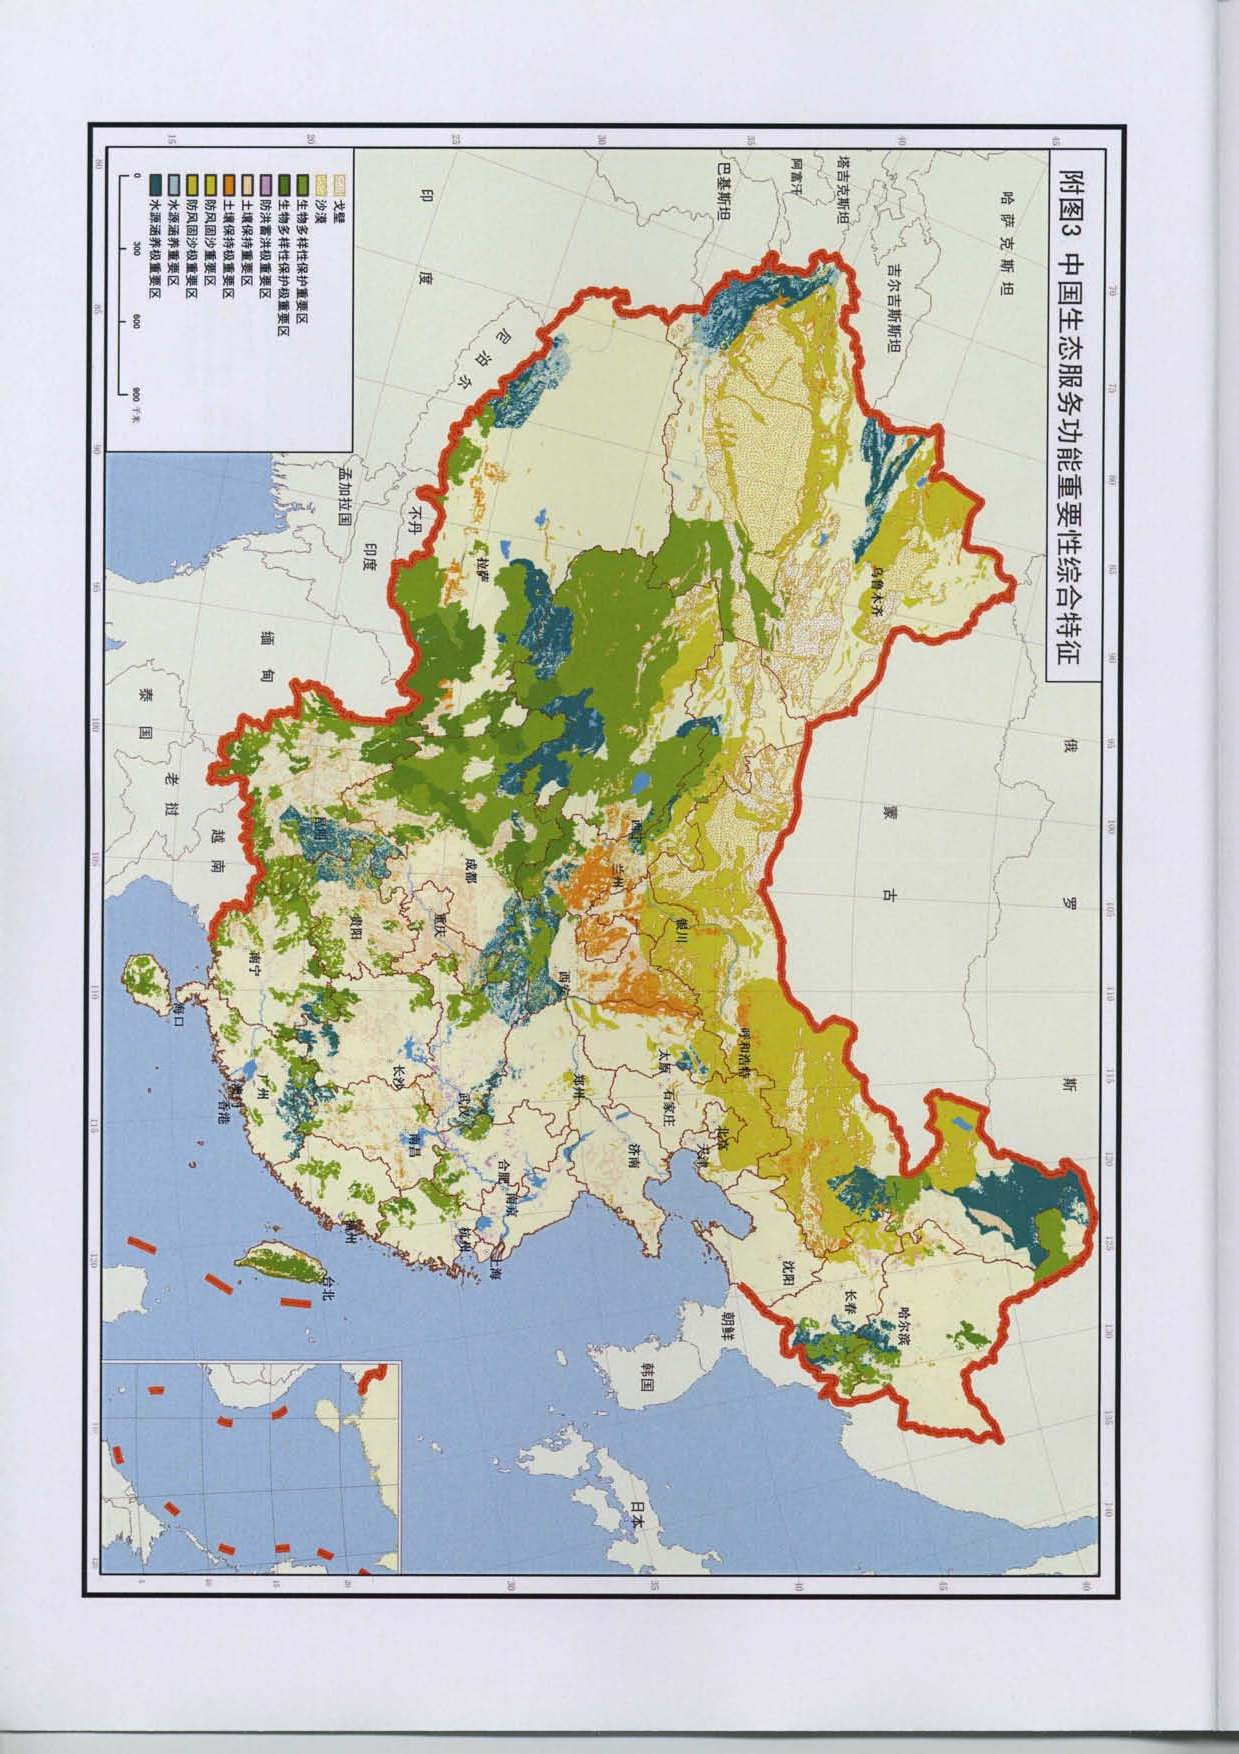 生态功能区划_全国生态功能区划_360百科